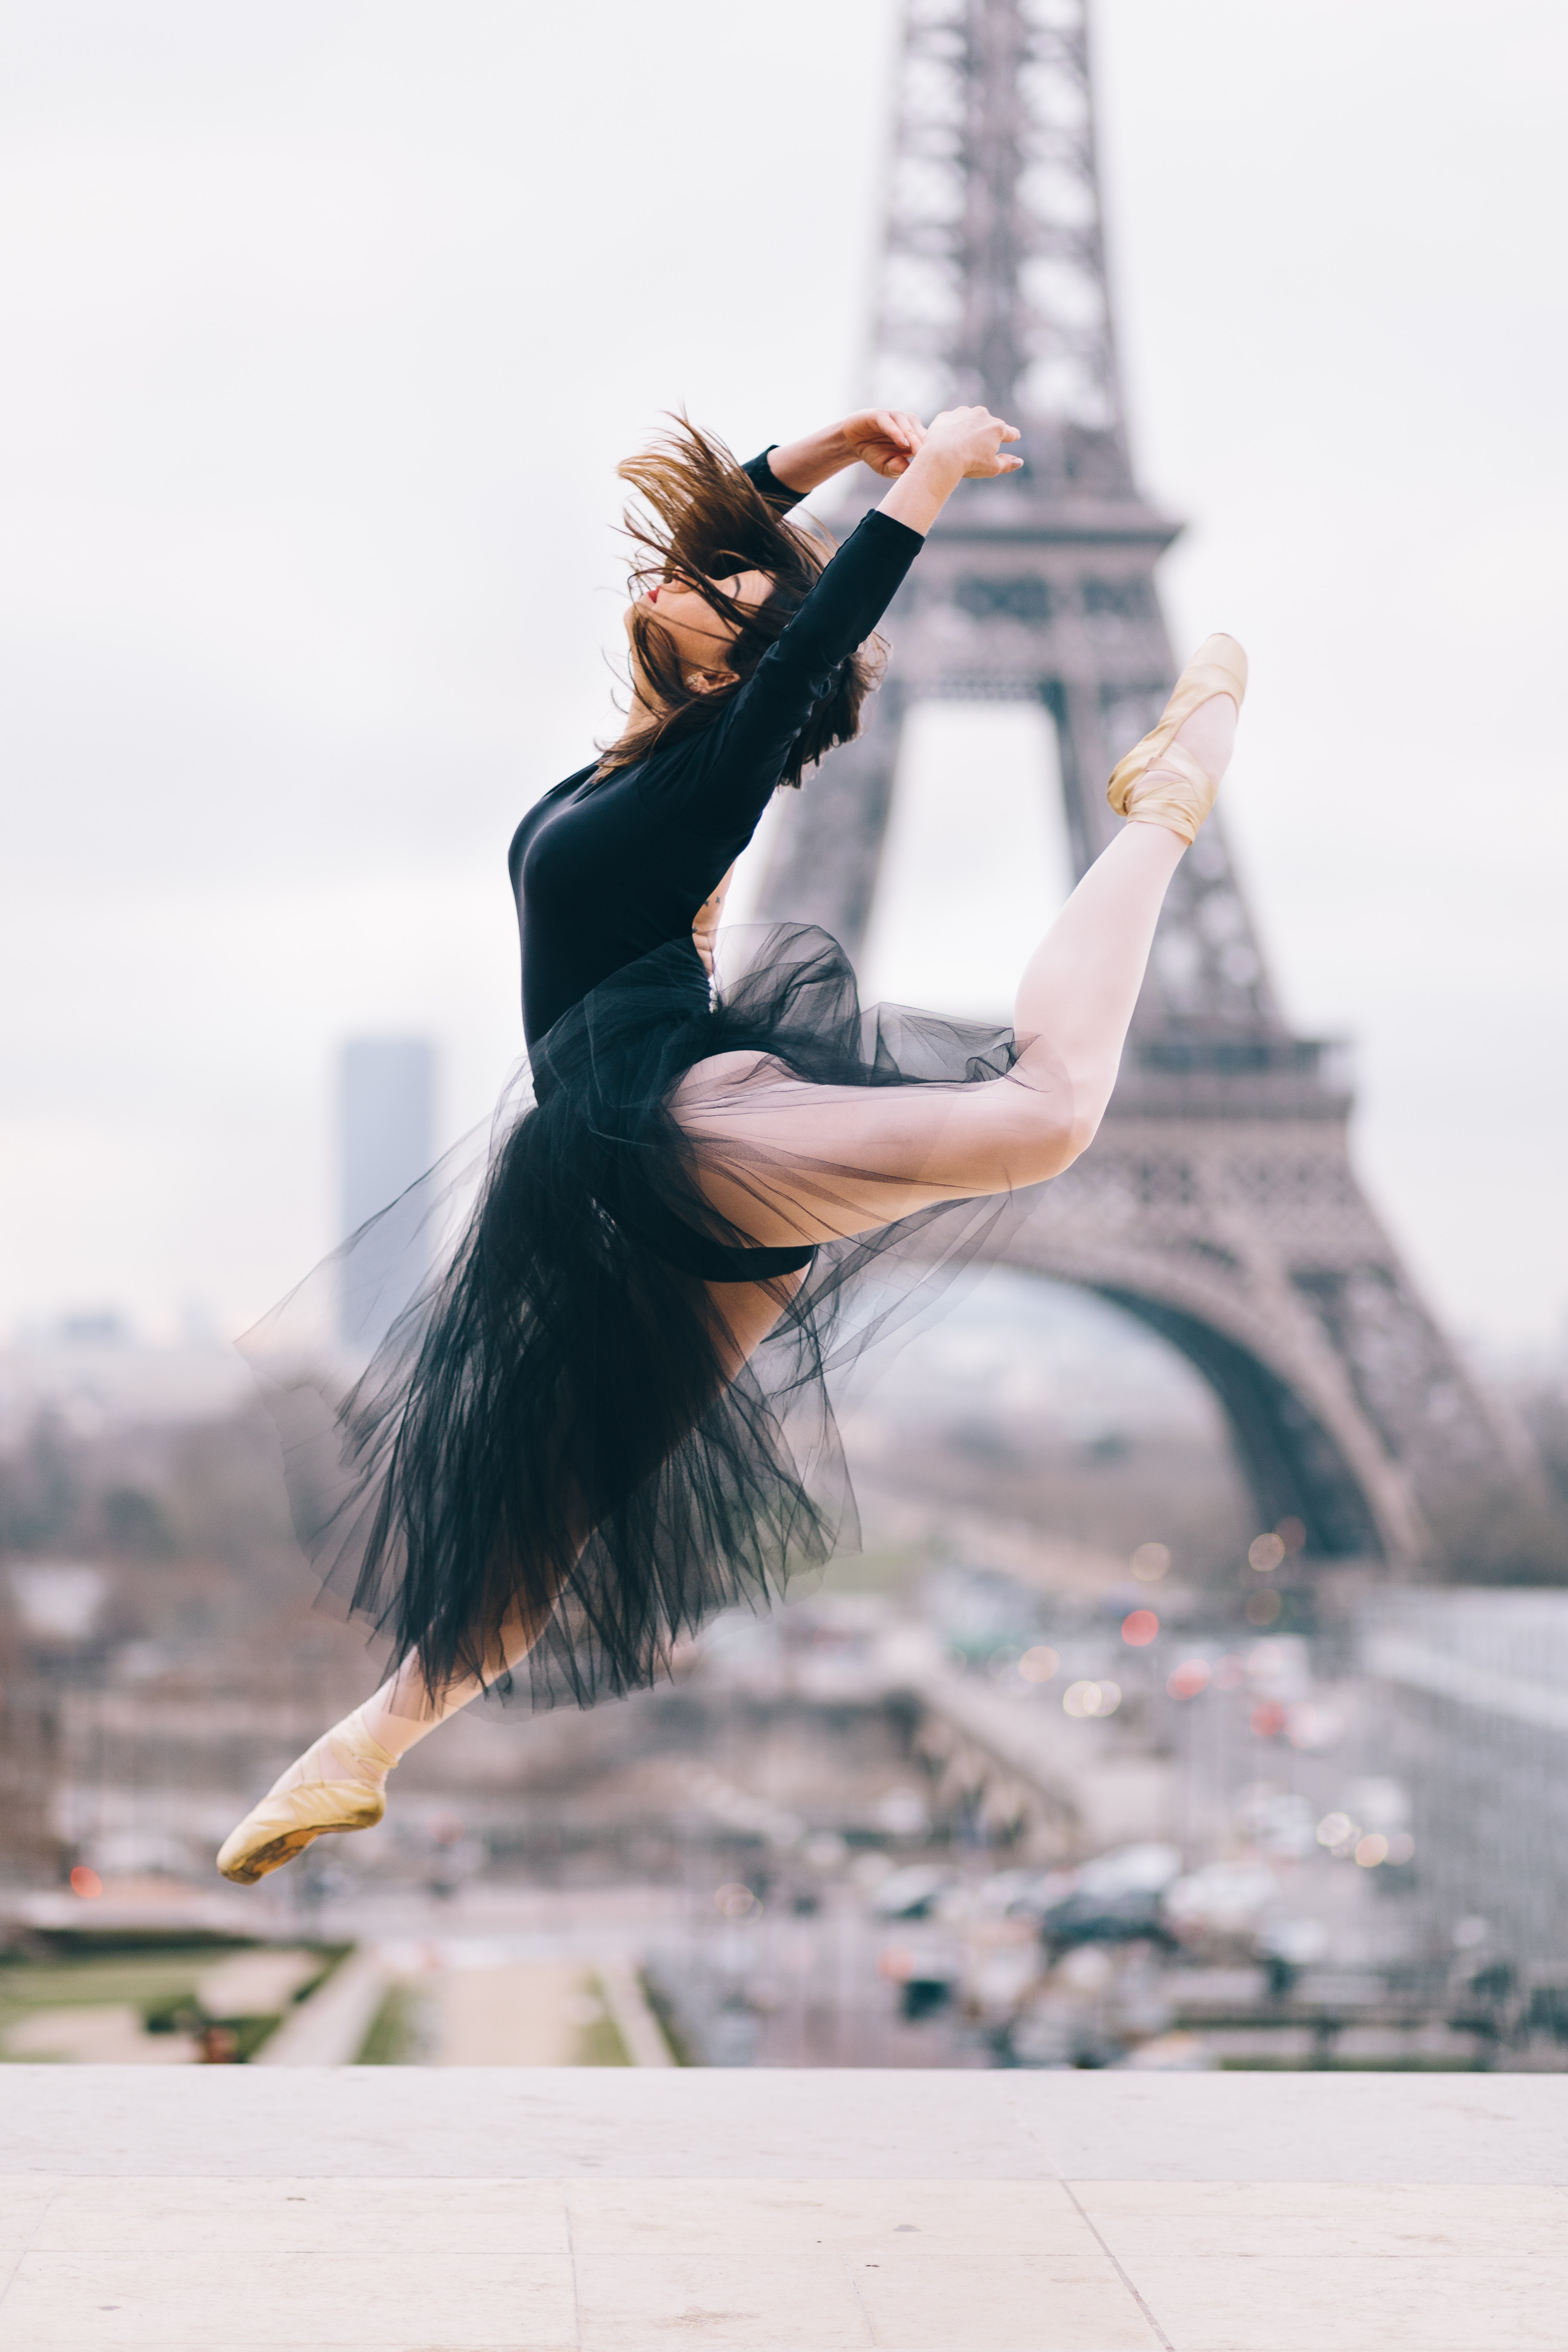 東京シティ・バレエ団夏季新規団員募集!!憧れのプロバレエダンサーになろう!